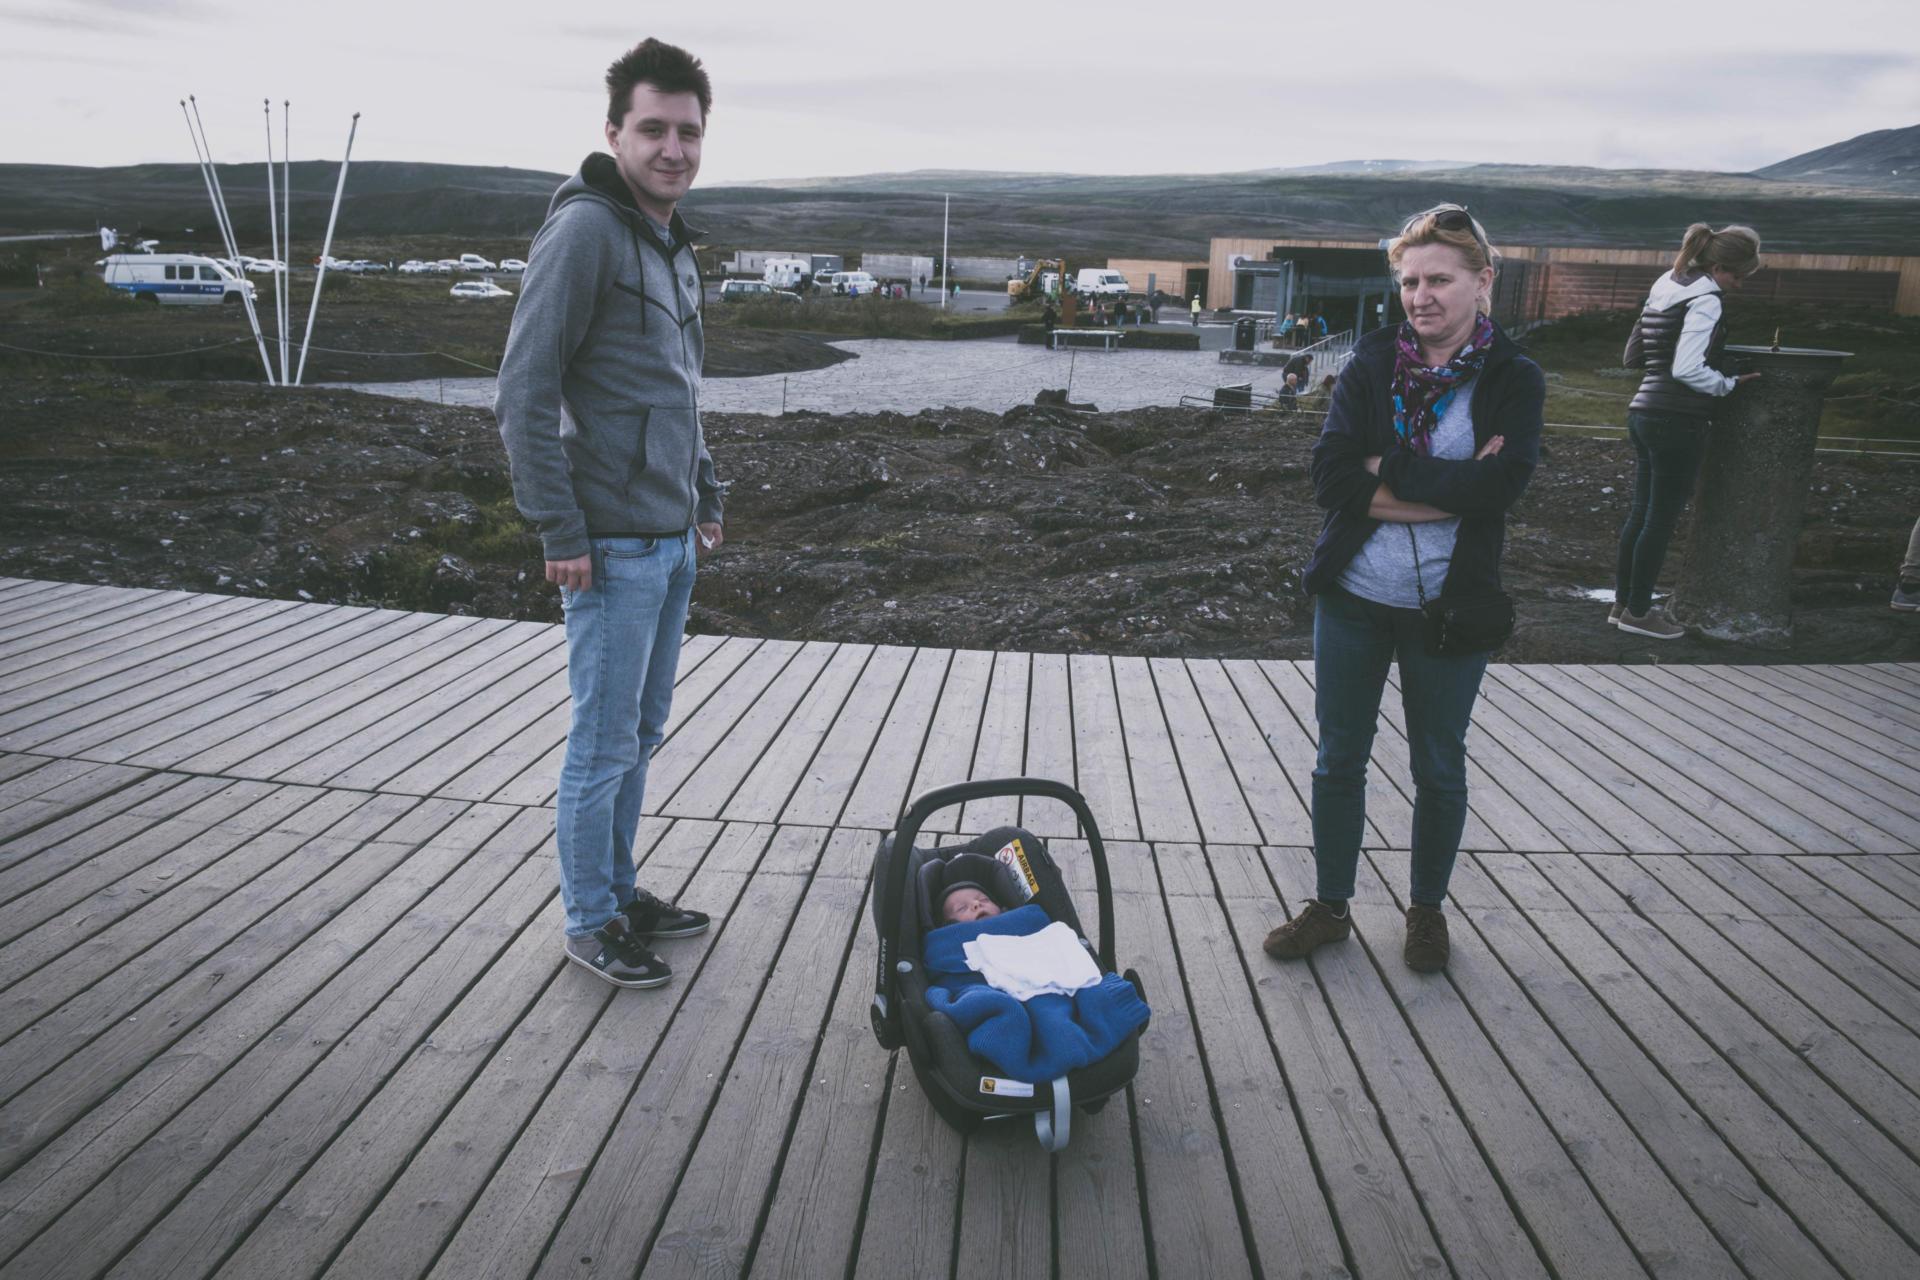 islandia dziecko